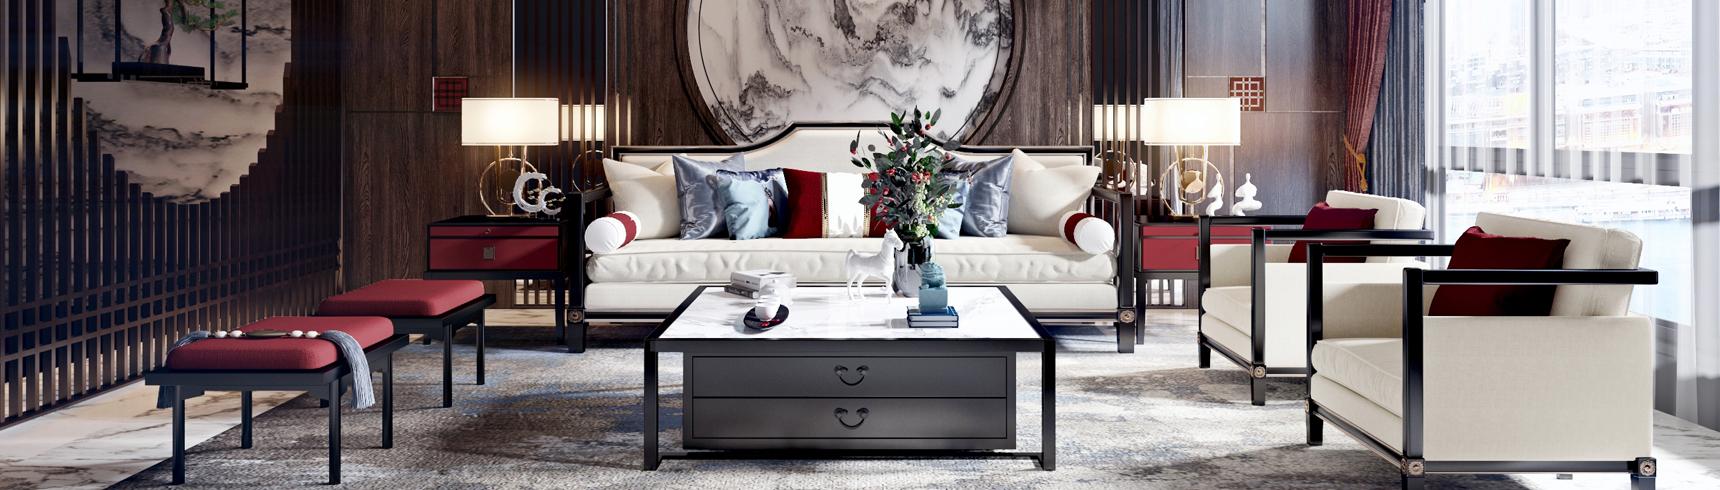 新中式客餐厅餐桌椅组合背景墙沙发茶几组合3D模型下载